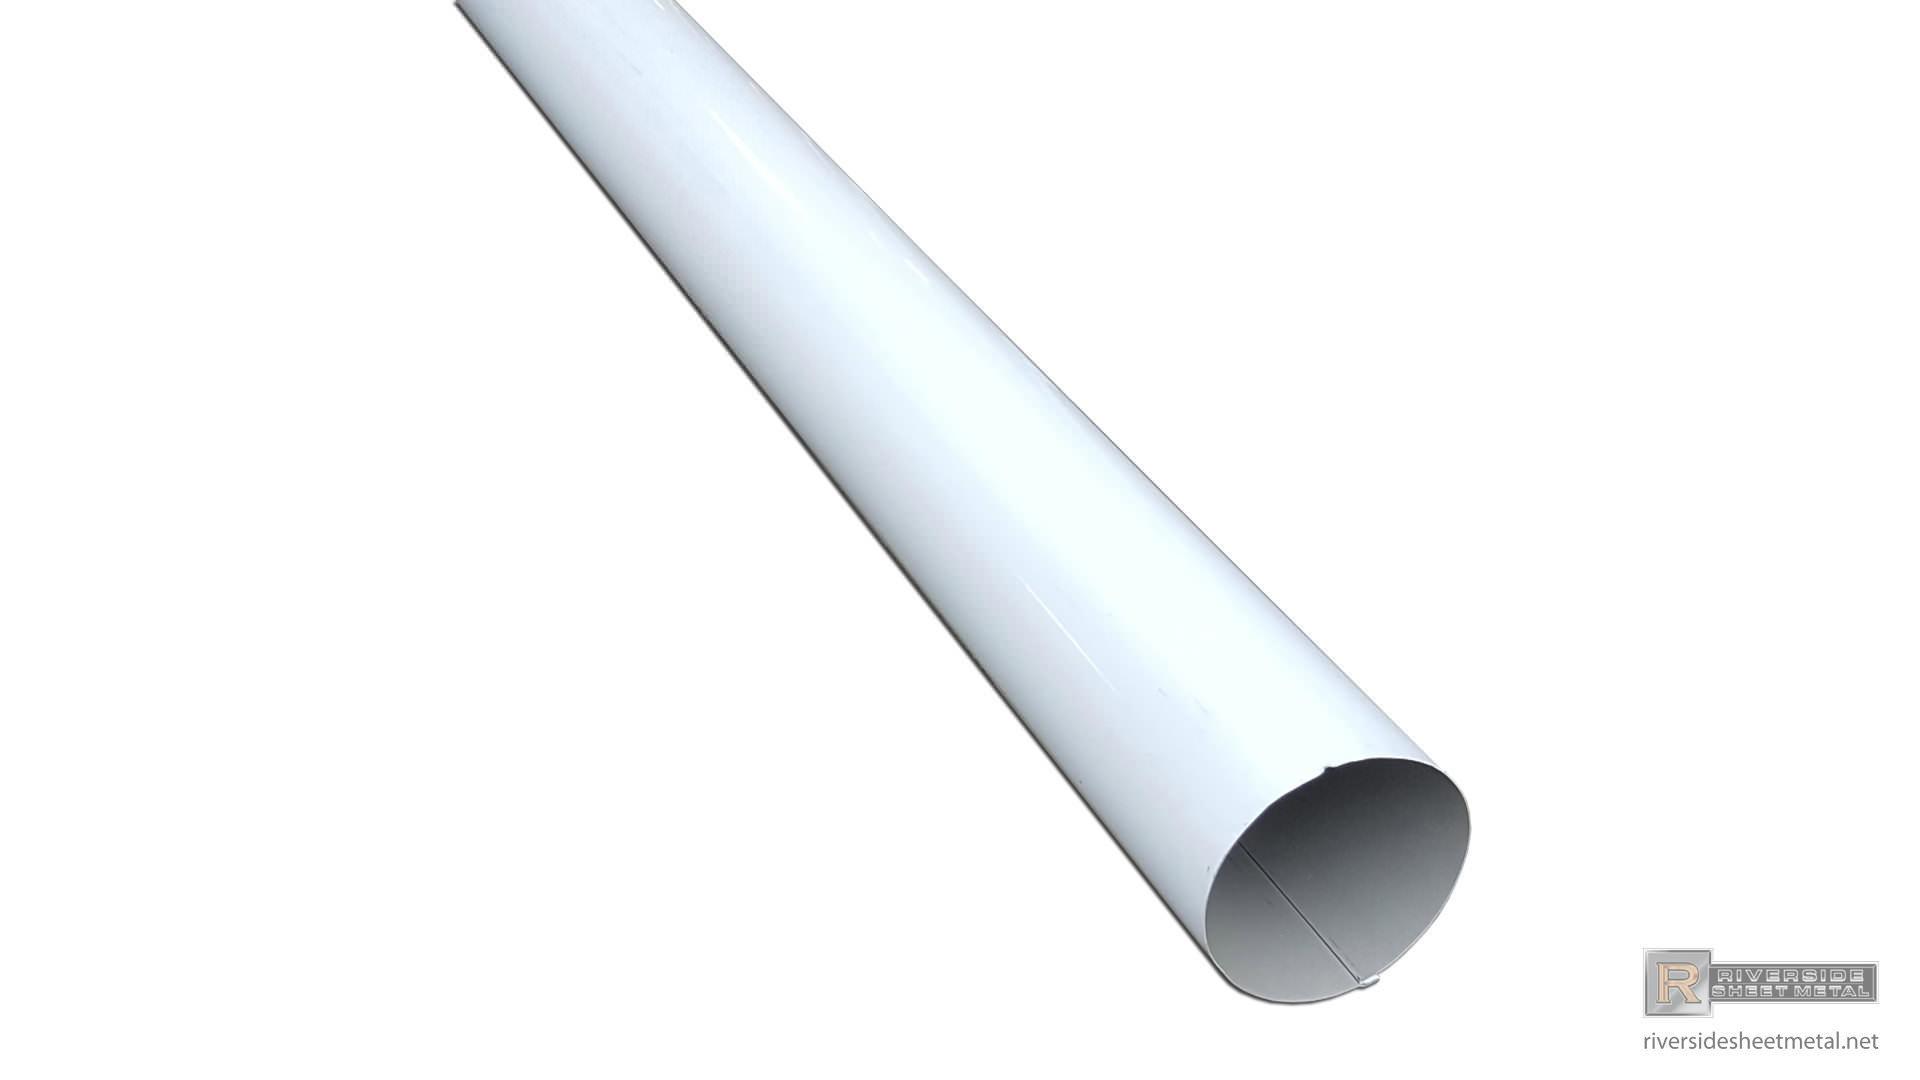 Plain Round Aluminum Gutter Downspout 2 Quot 3 Quot 4 Quot 5 Quot 6